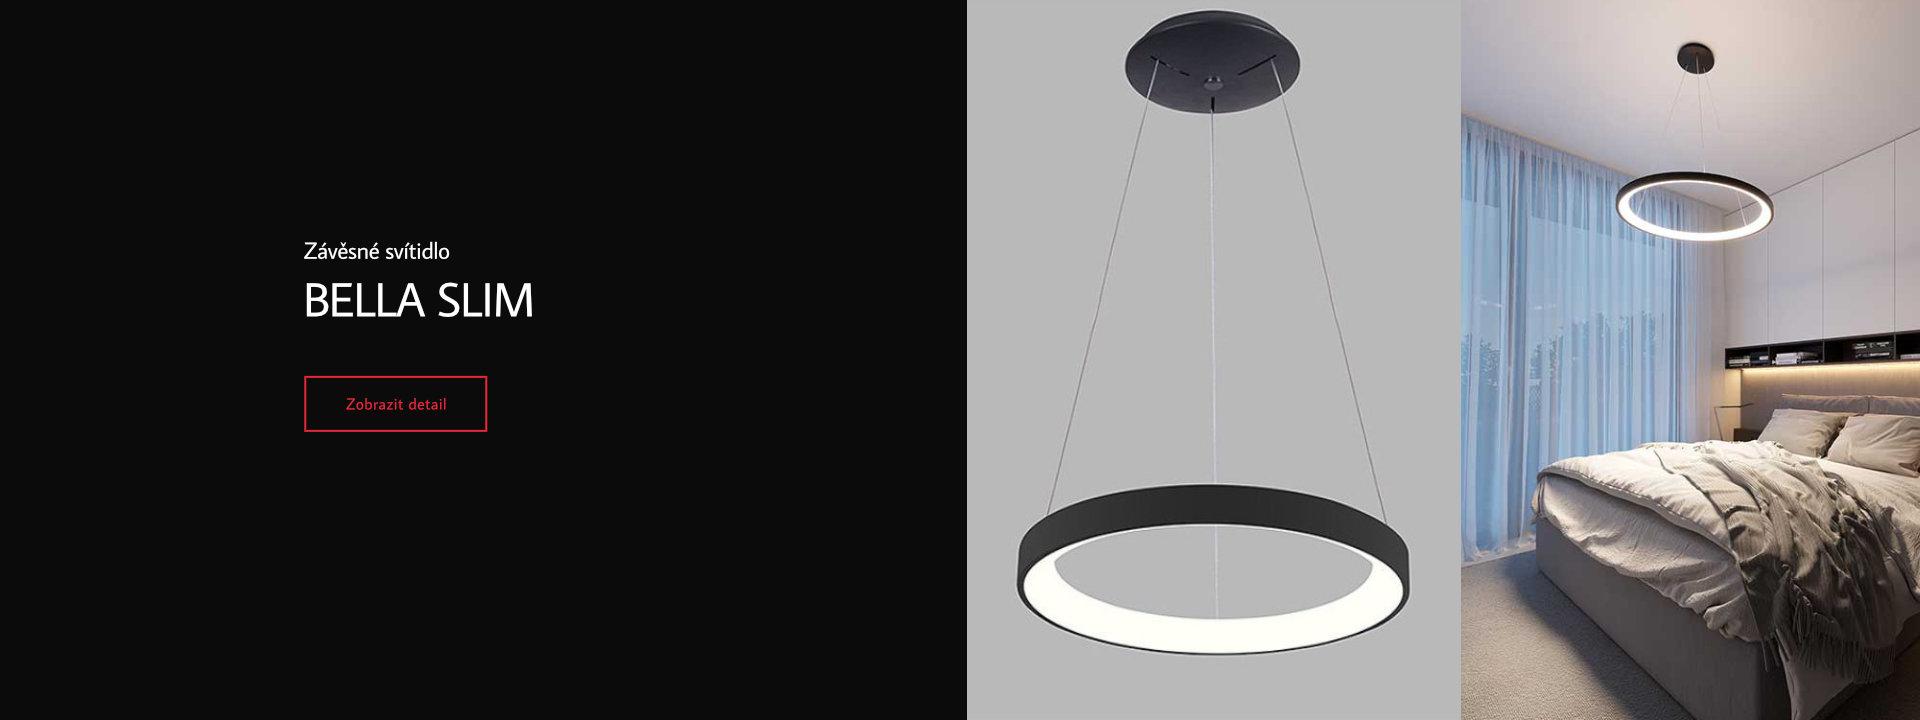 Obchod s osvětlením